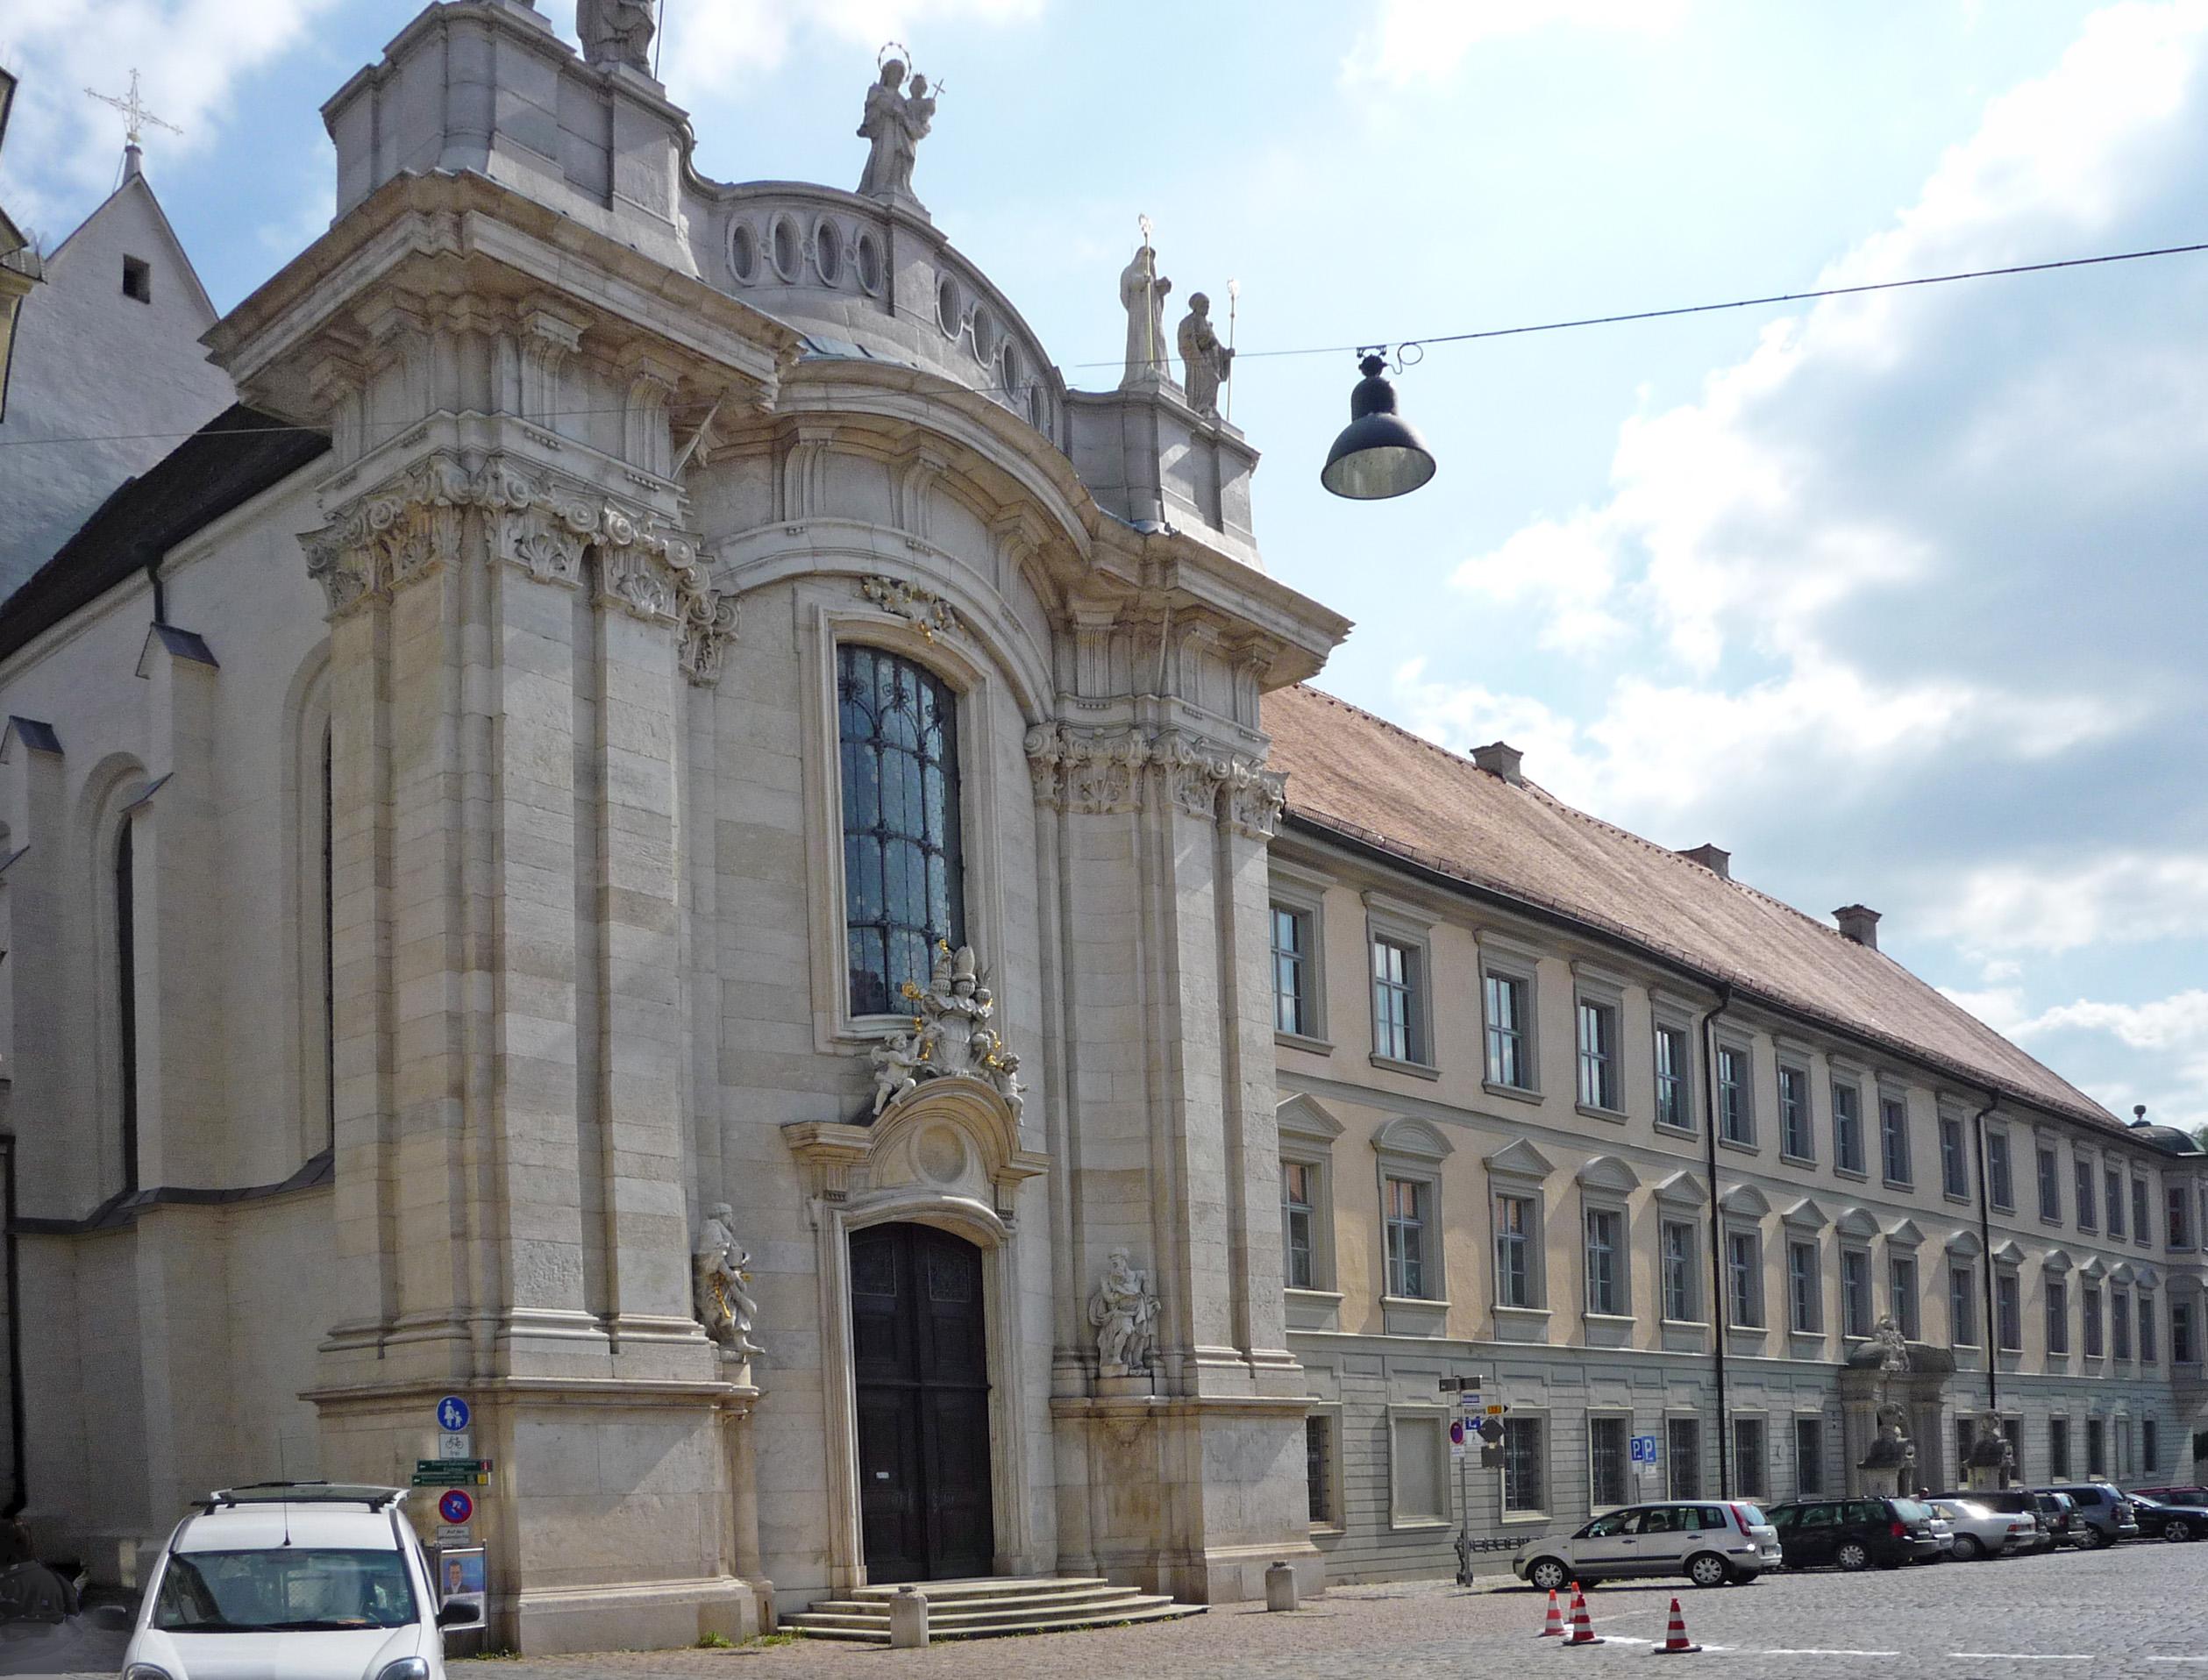 Dom, Westfassade